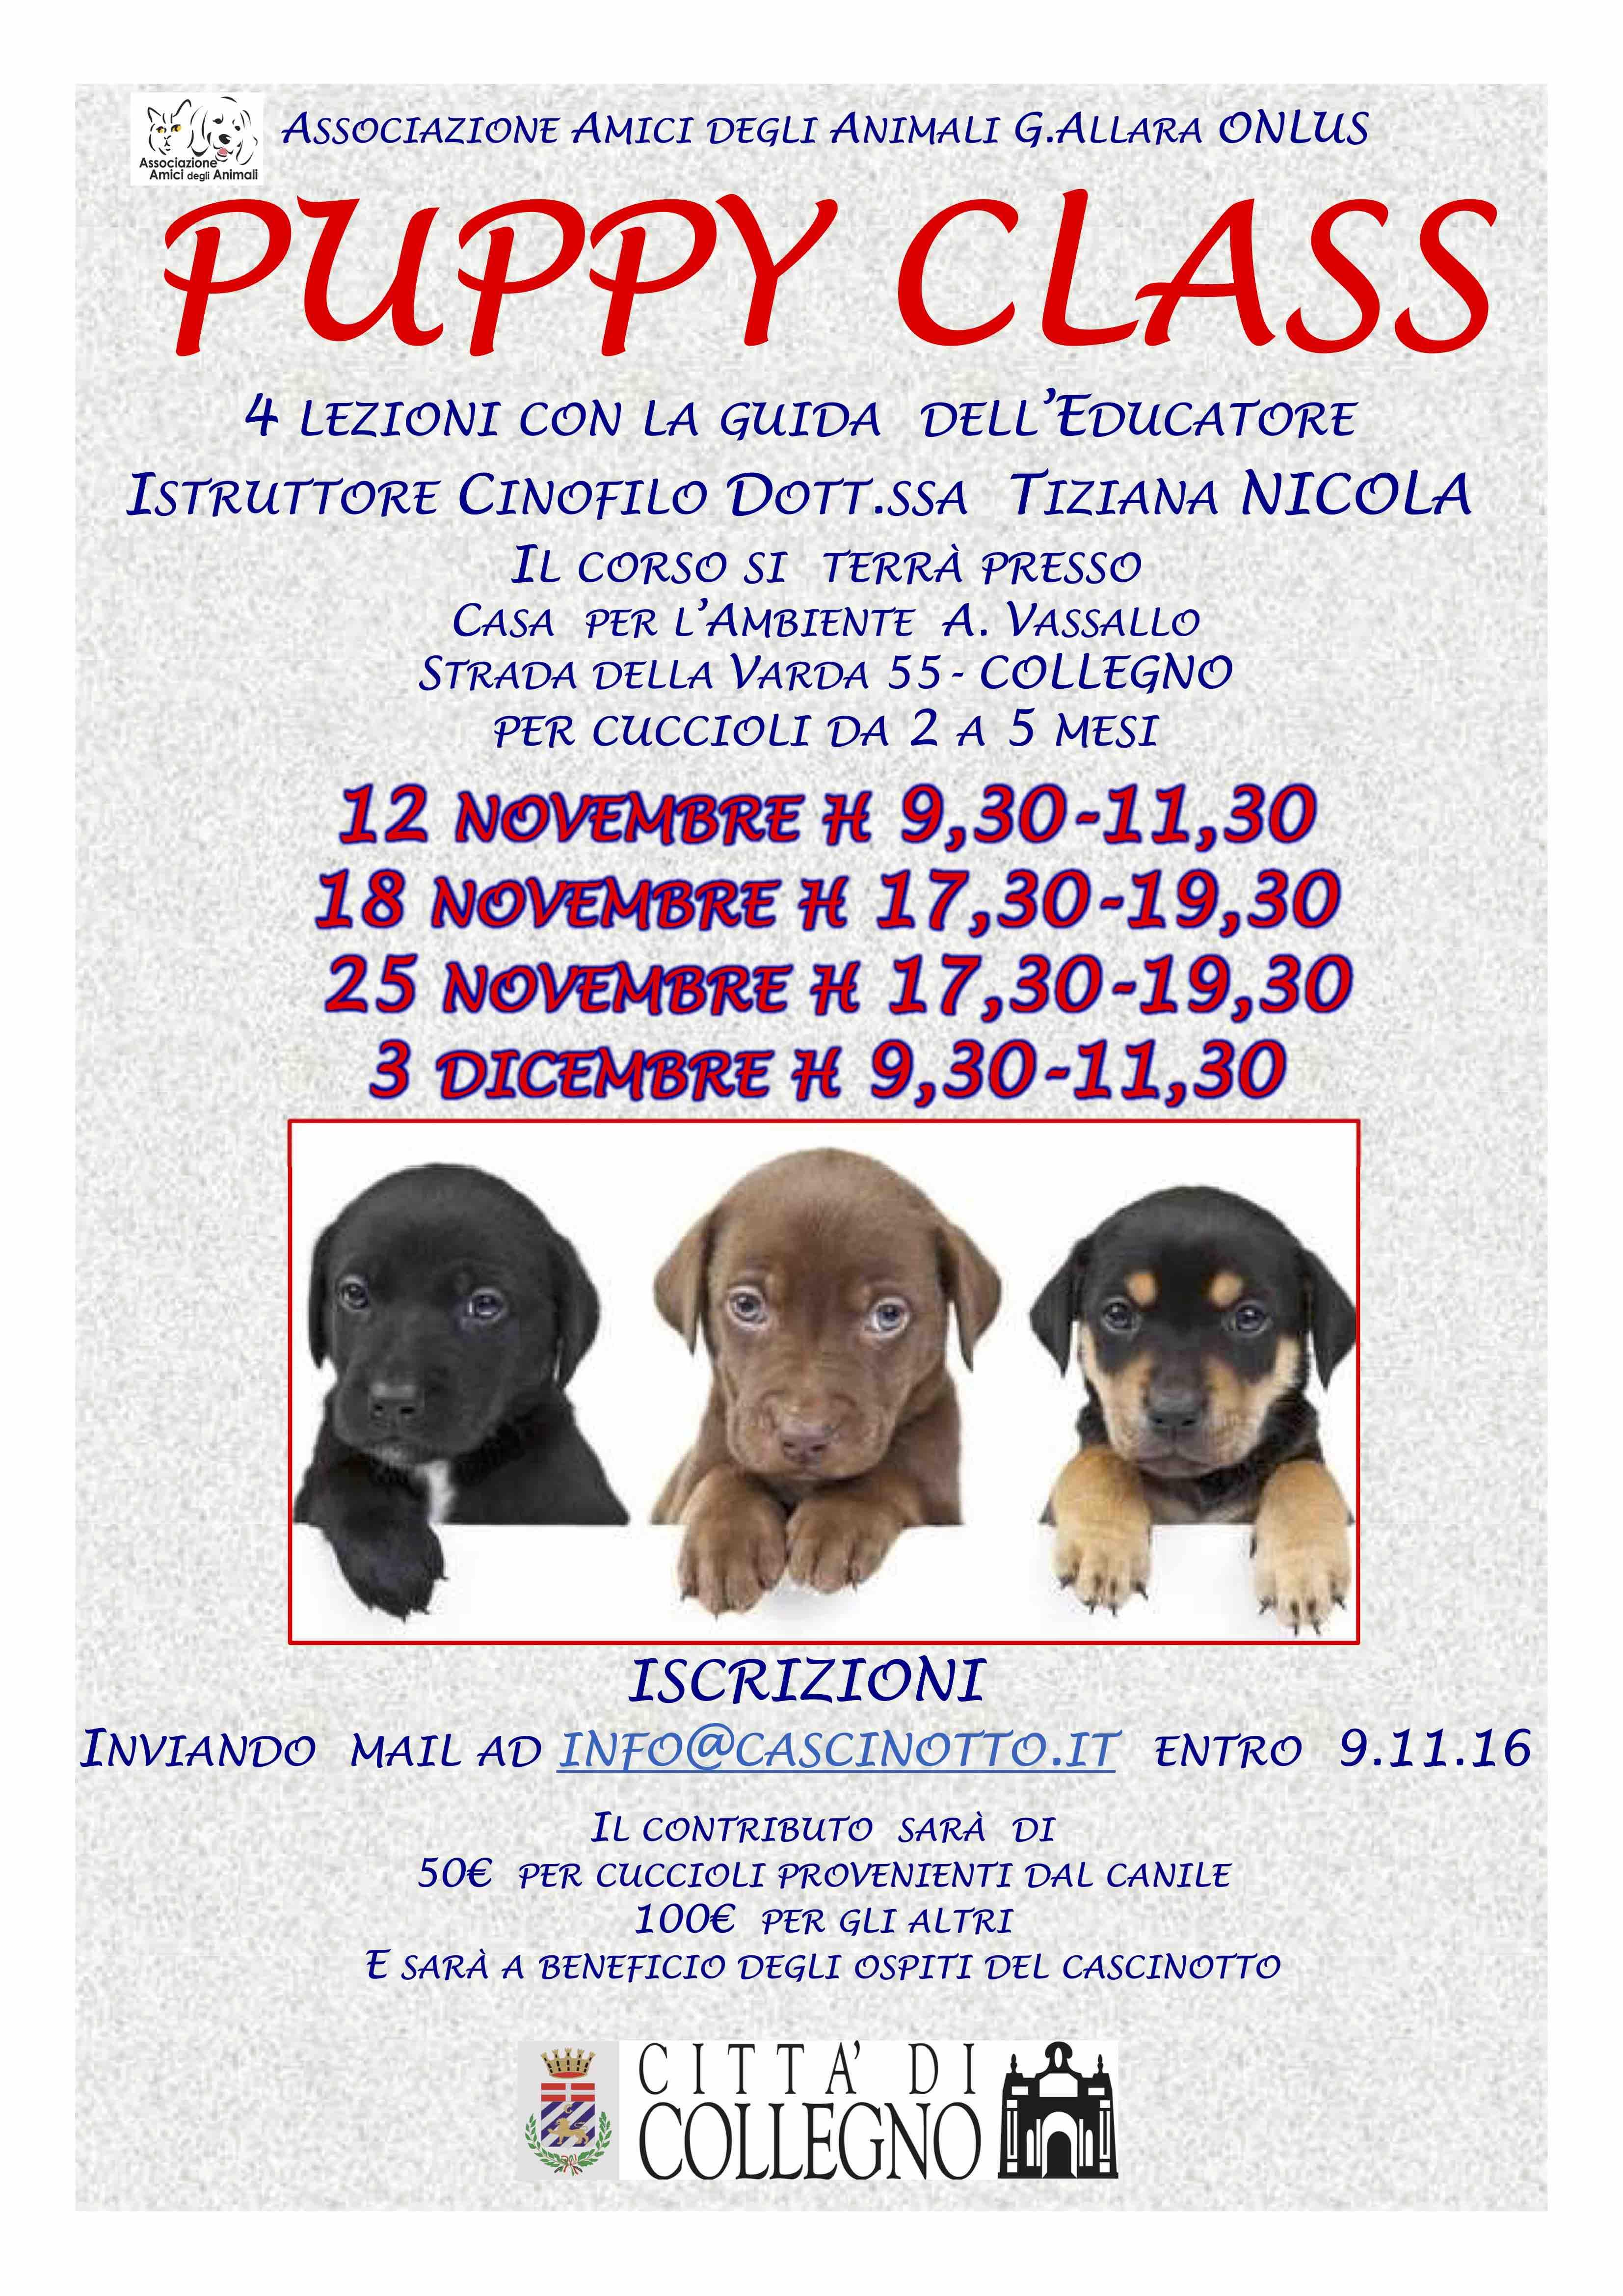 LOCANDINA PUPPY A4 EDIZIONE NOVEMBRE 2016rev1